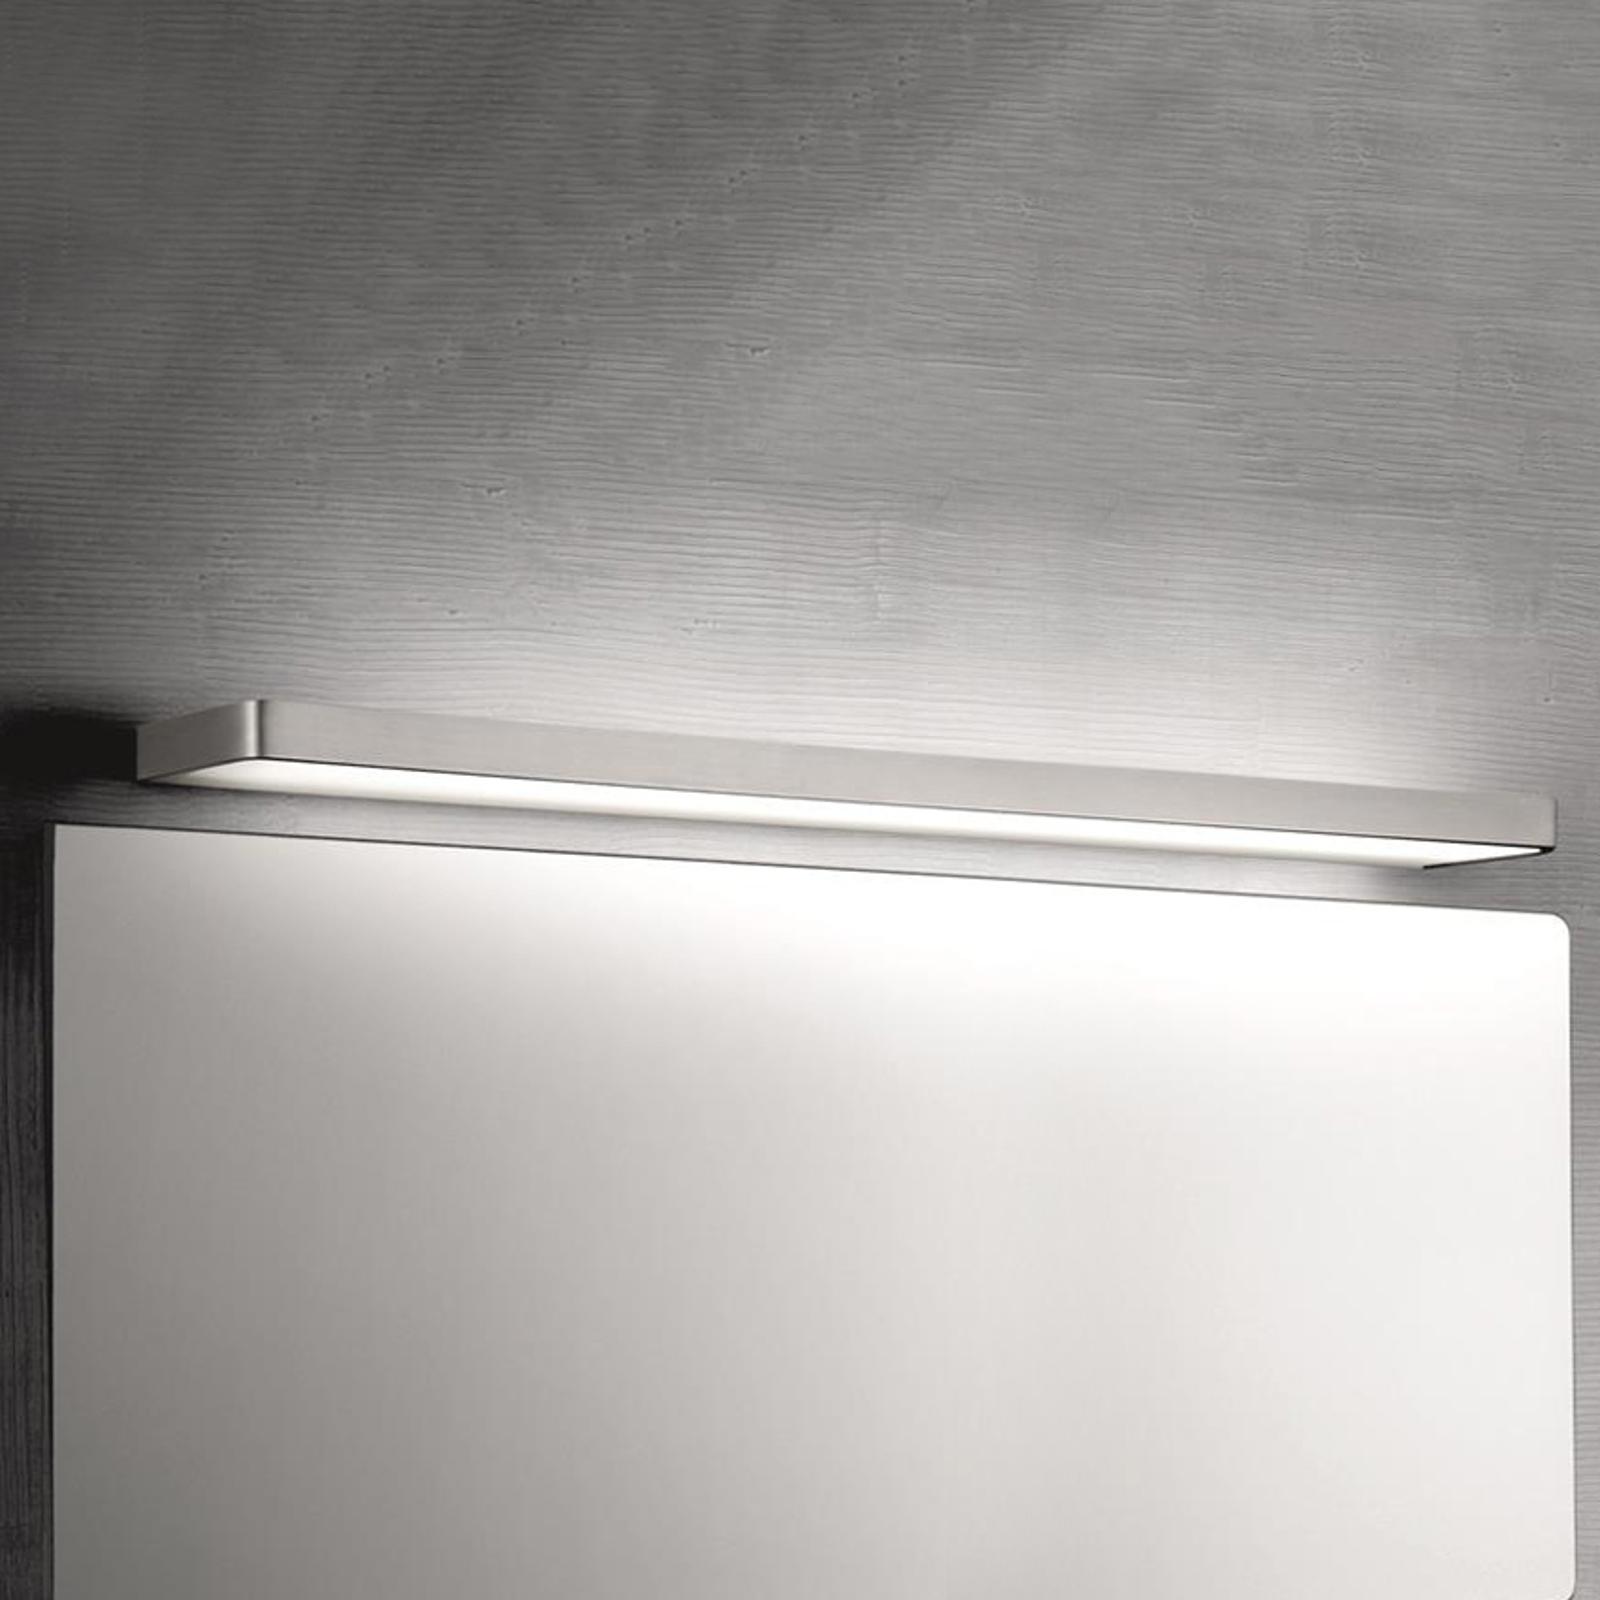 Arcos - een LED wandlamp in modern ontwerp